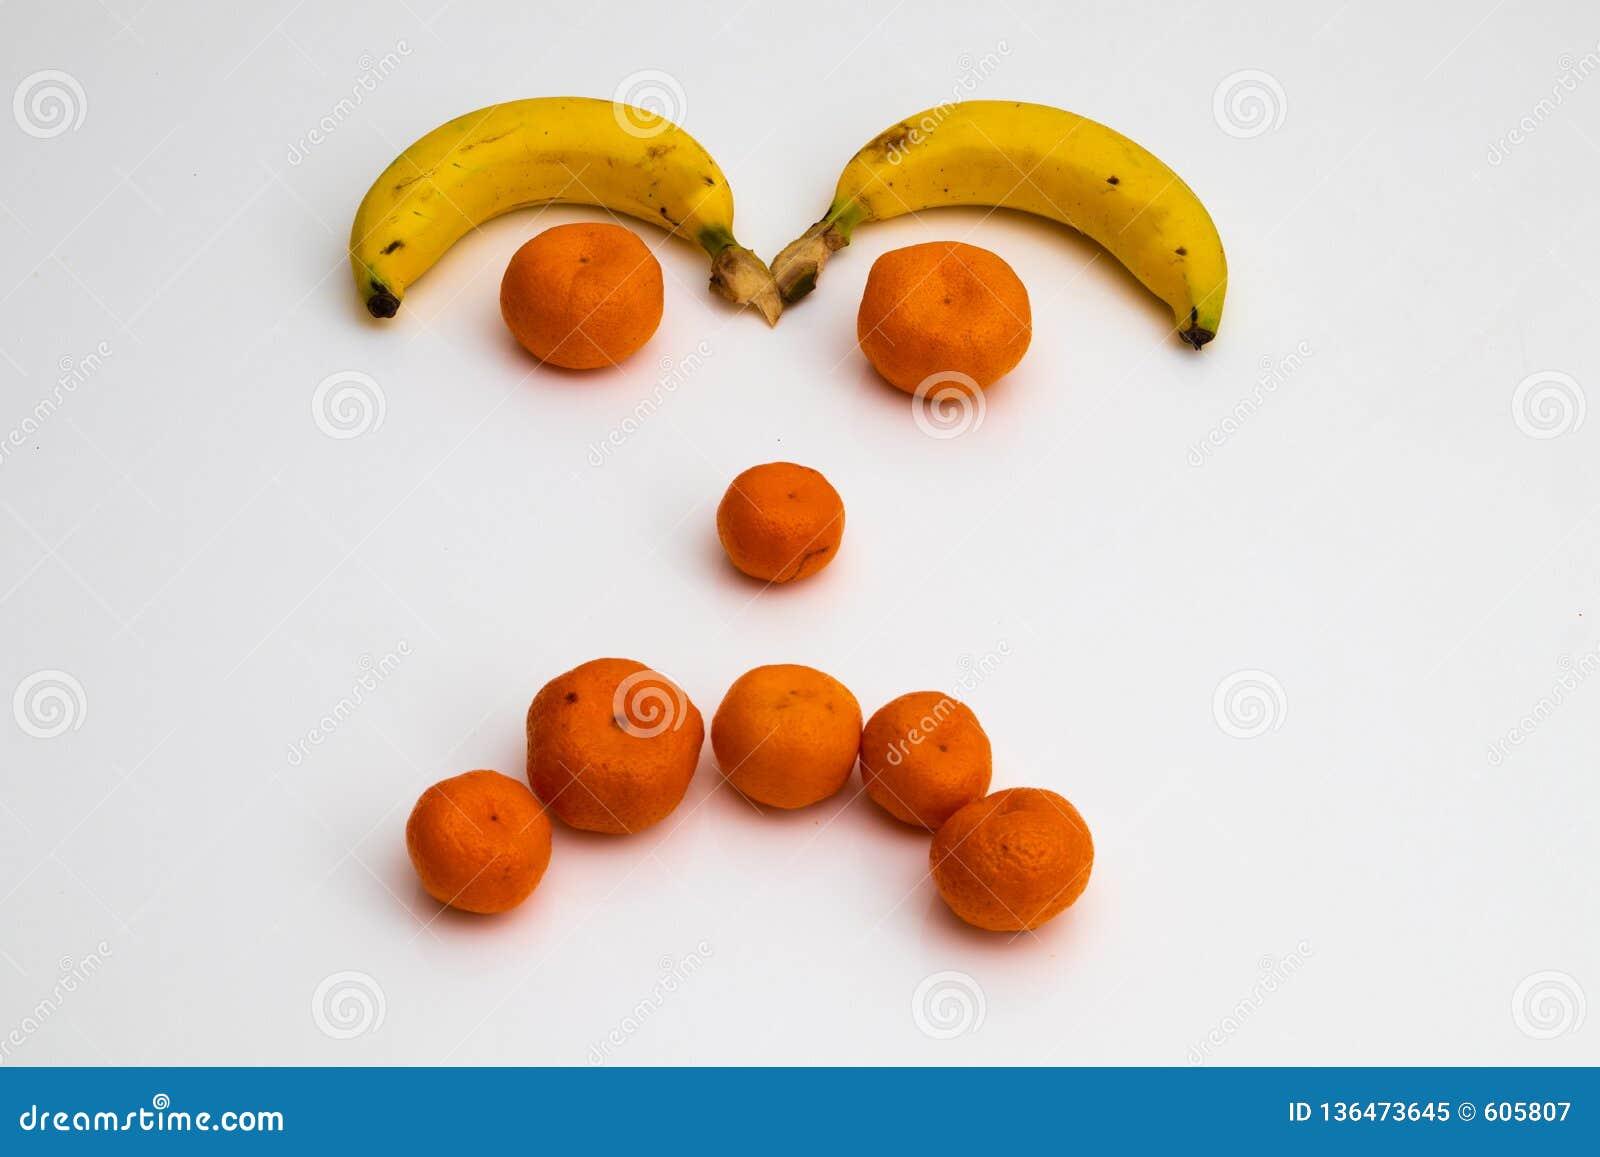 Сторона от плодов на белой предпосылке сторона сделала со свежими фруктами банан, tangerine мандарина